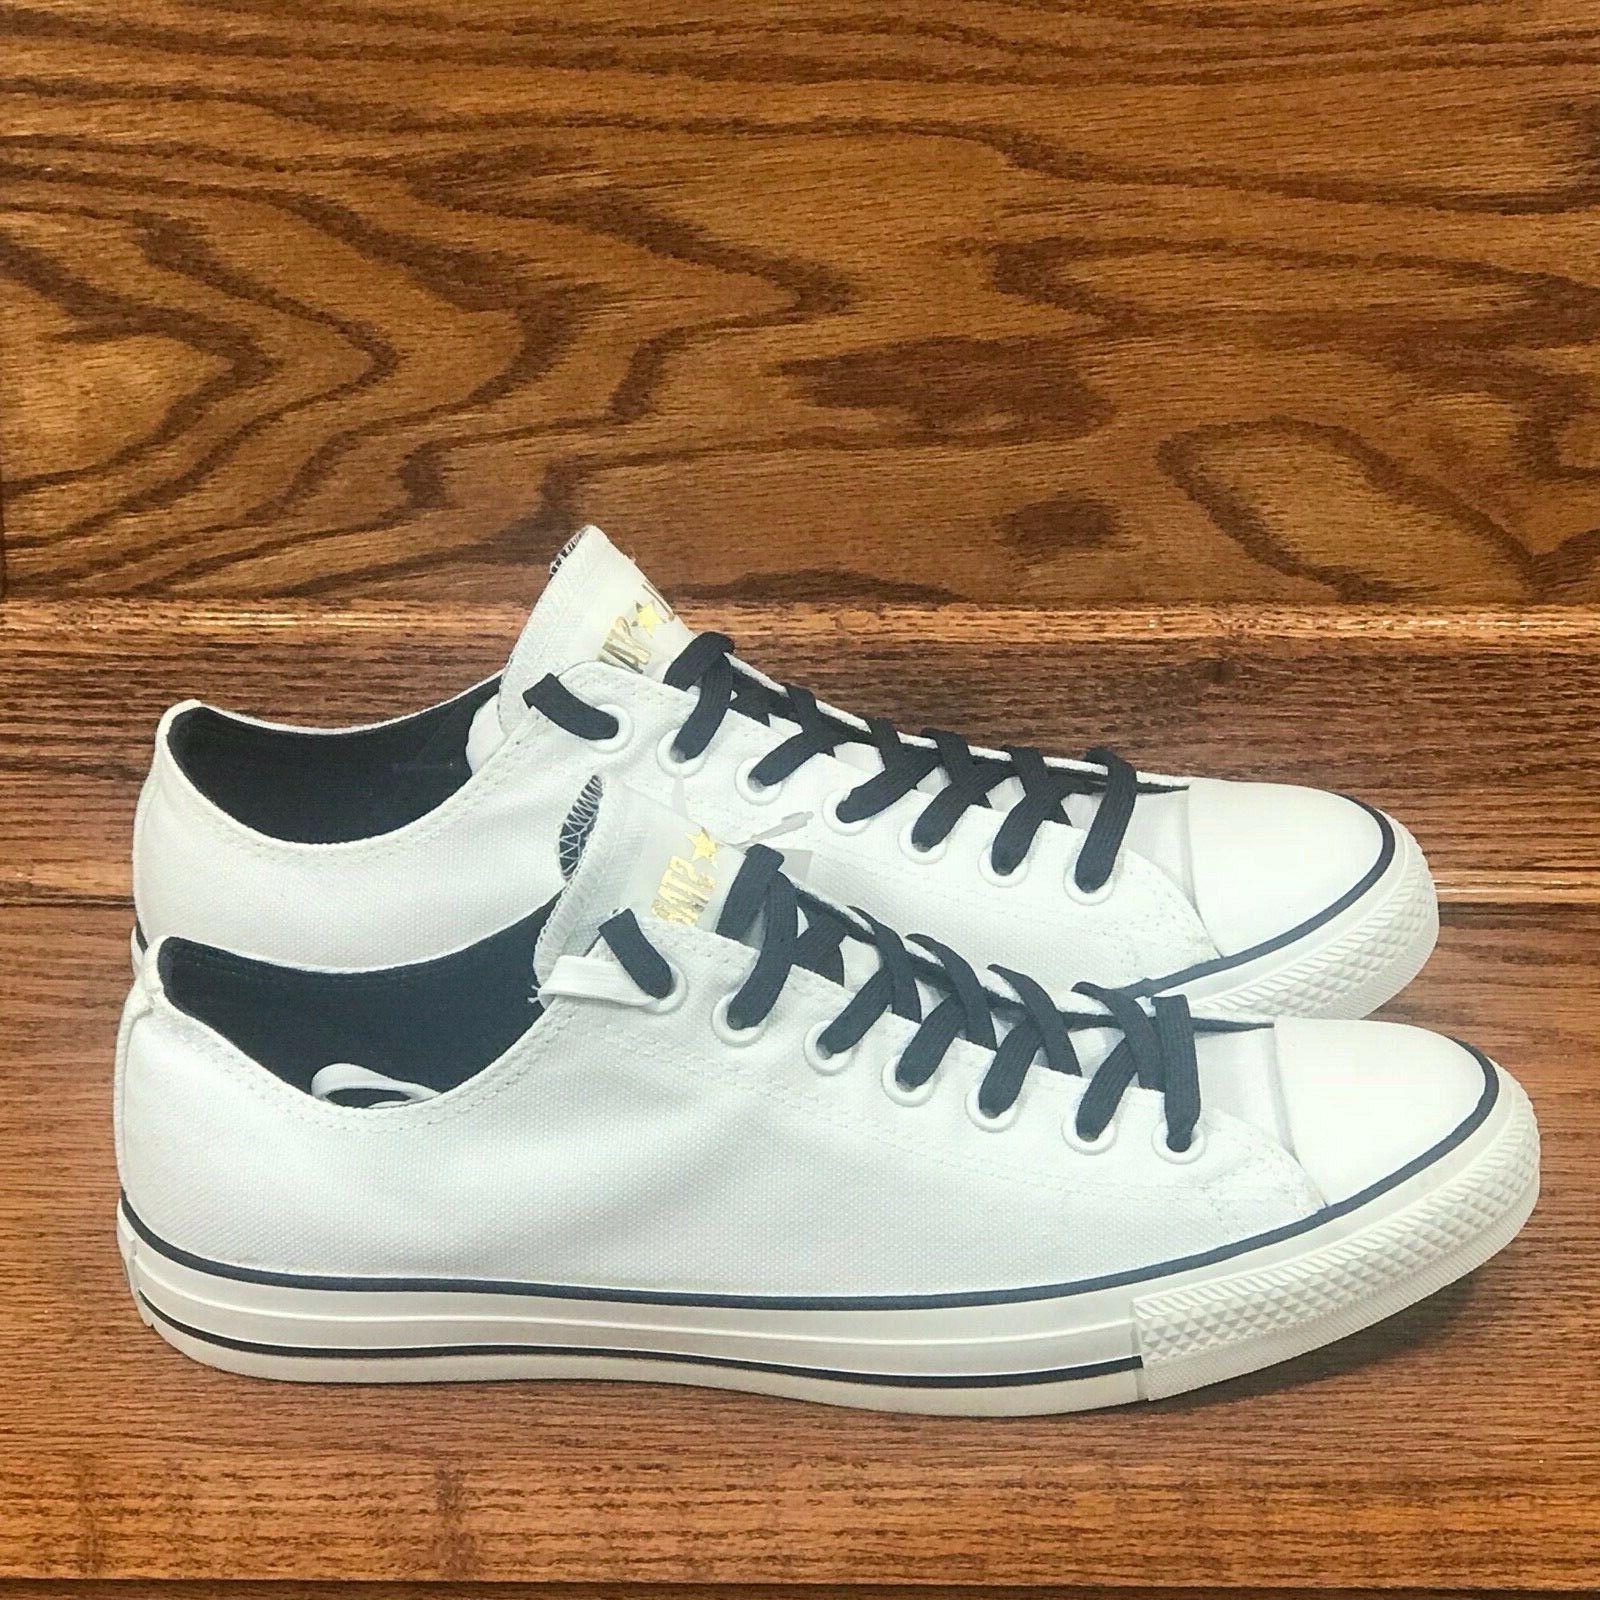 ct ox white dress shoes size men